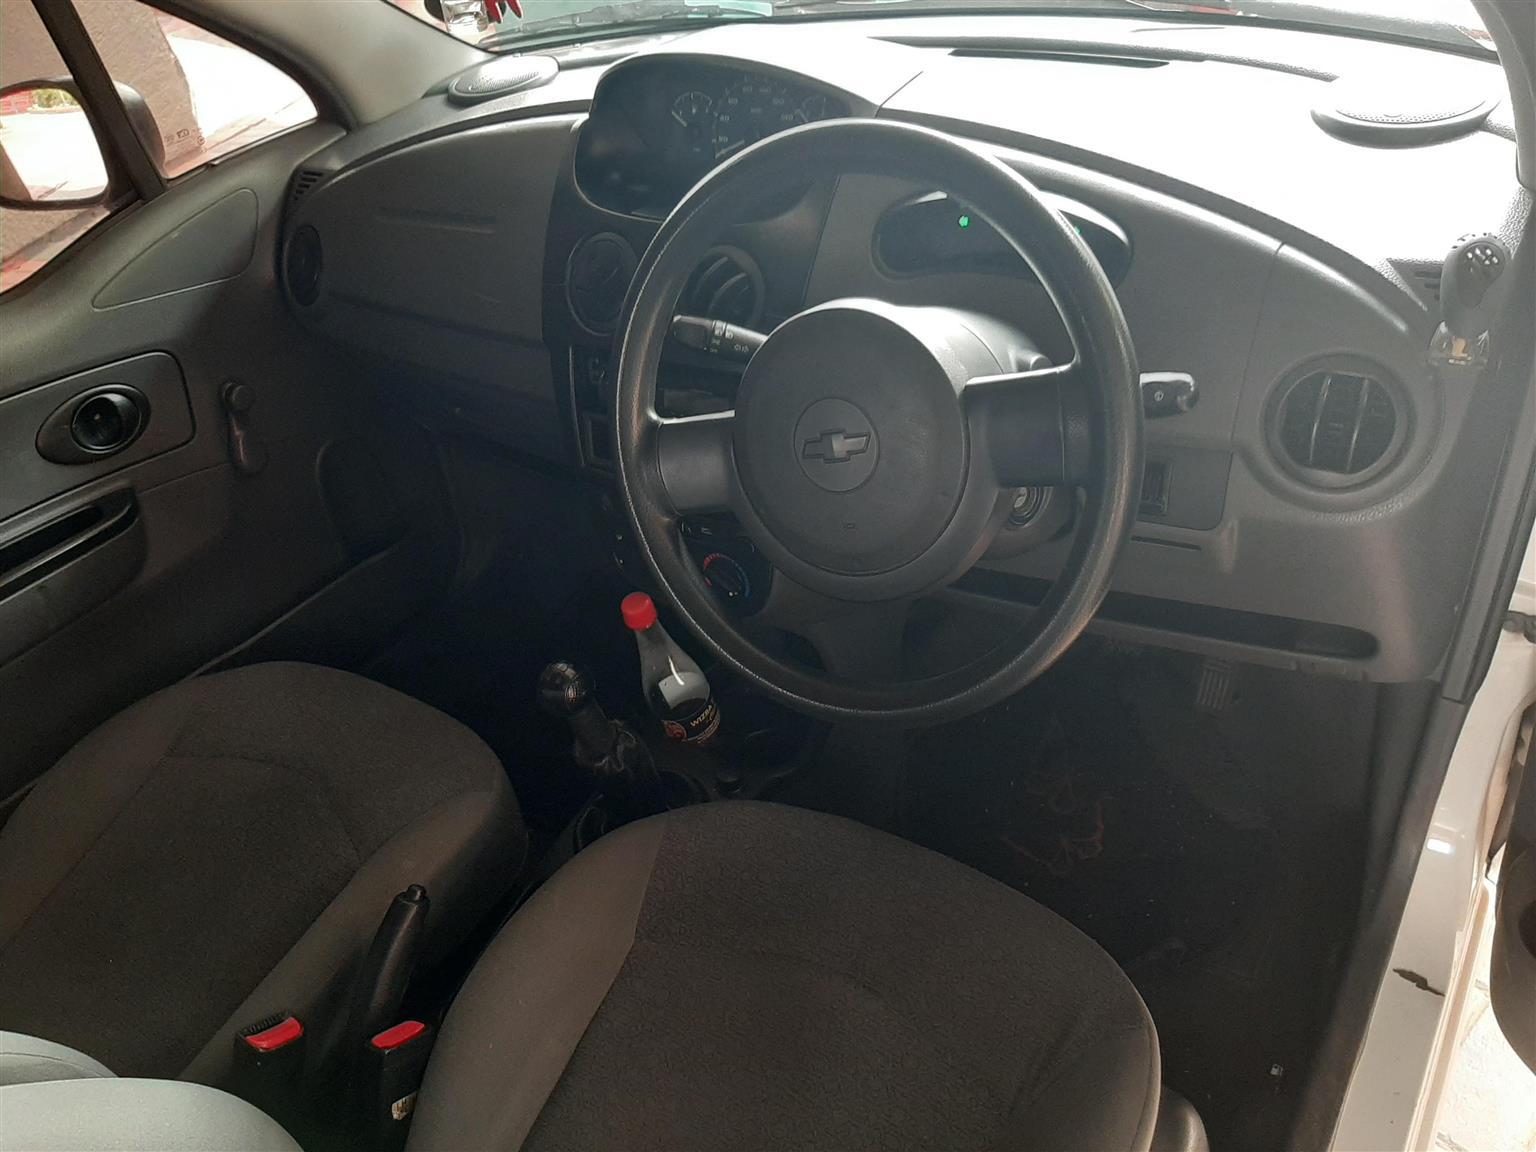 2005 Chevrolet Spark 1.2